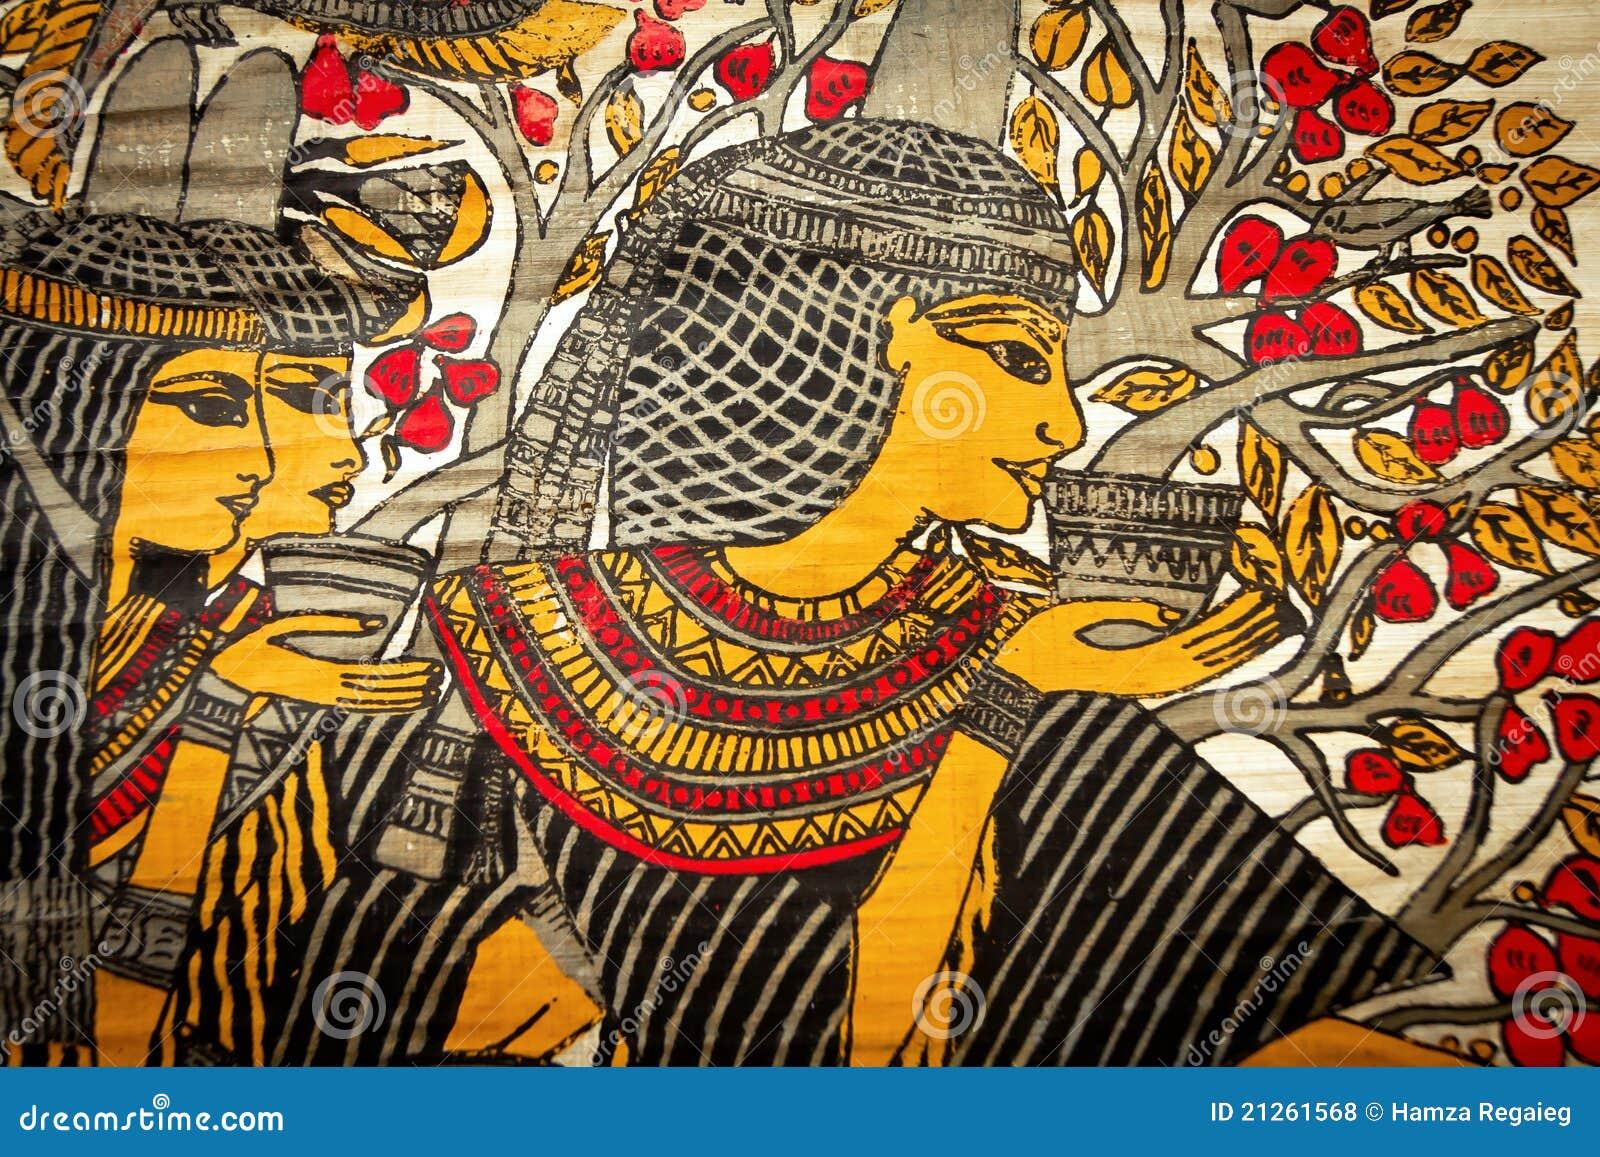 古老地道画的埃及纸纸莎草法老王.